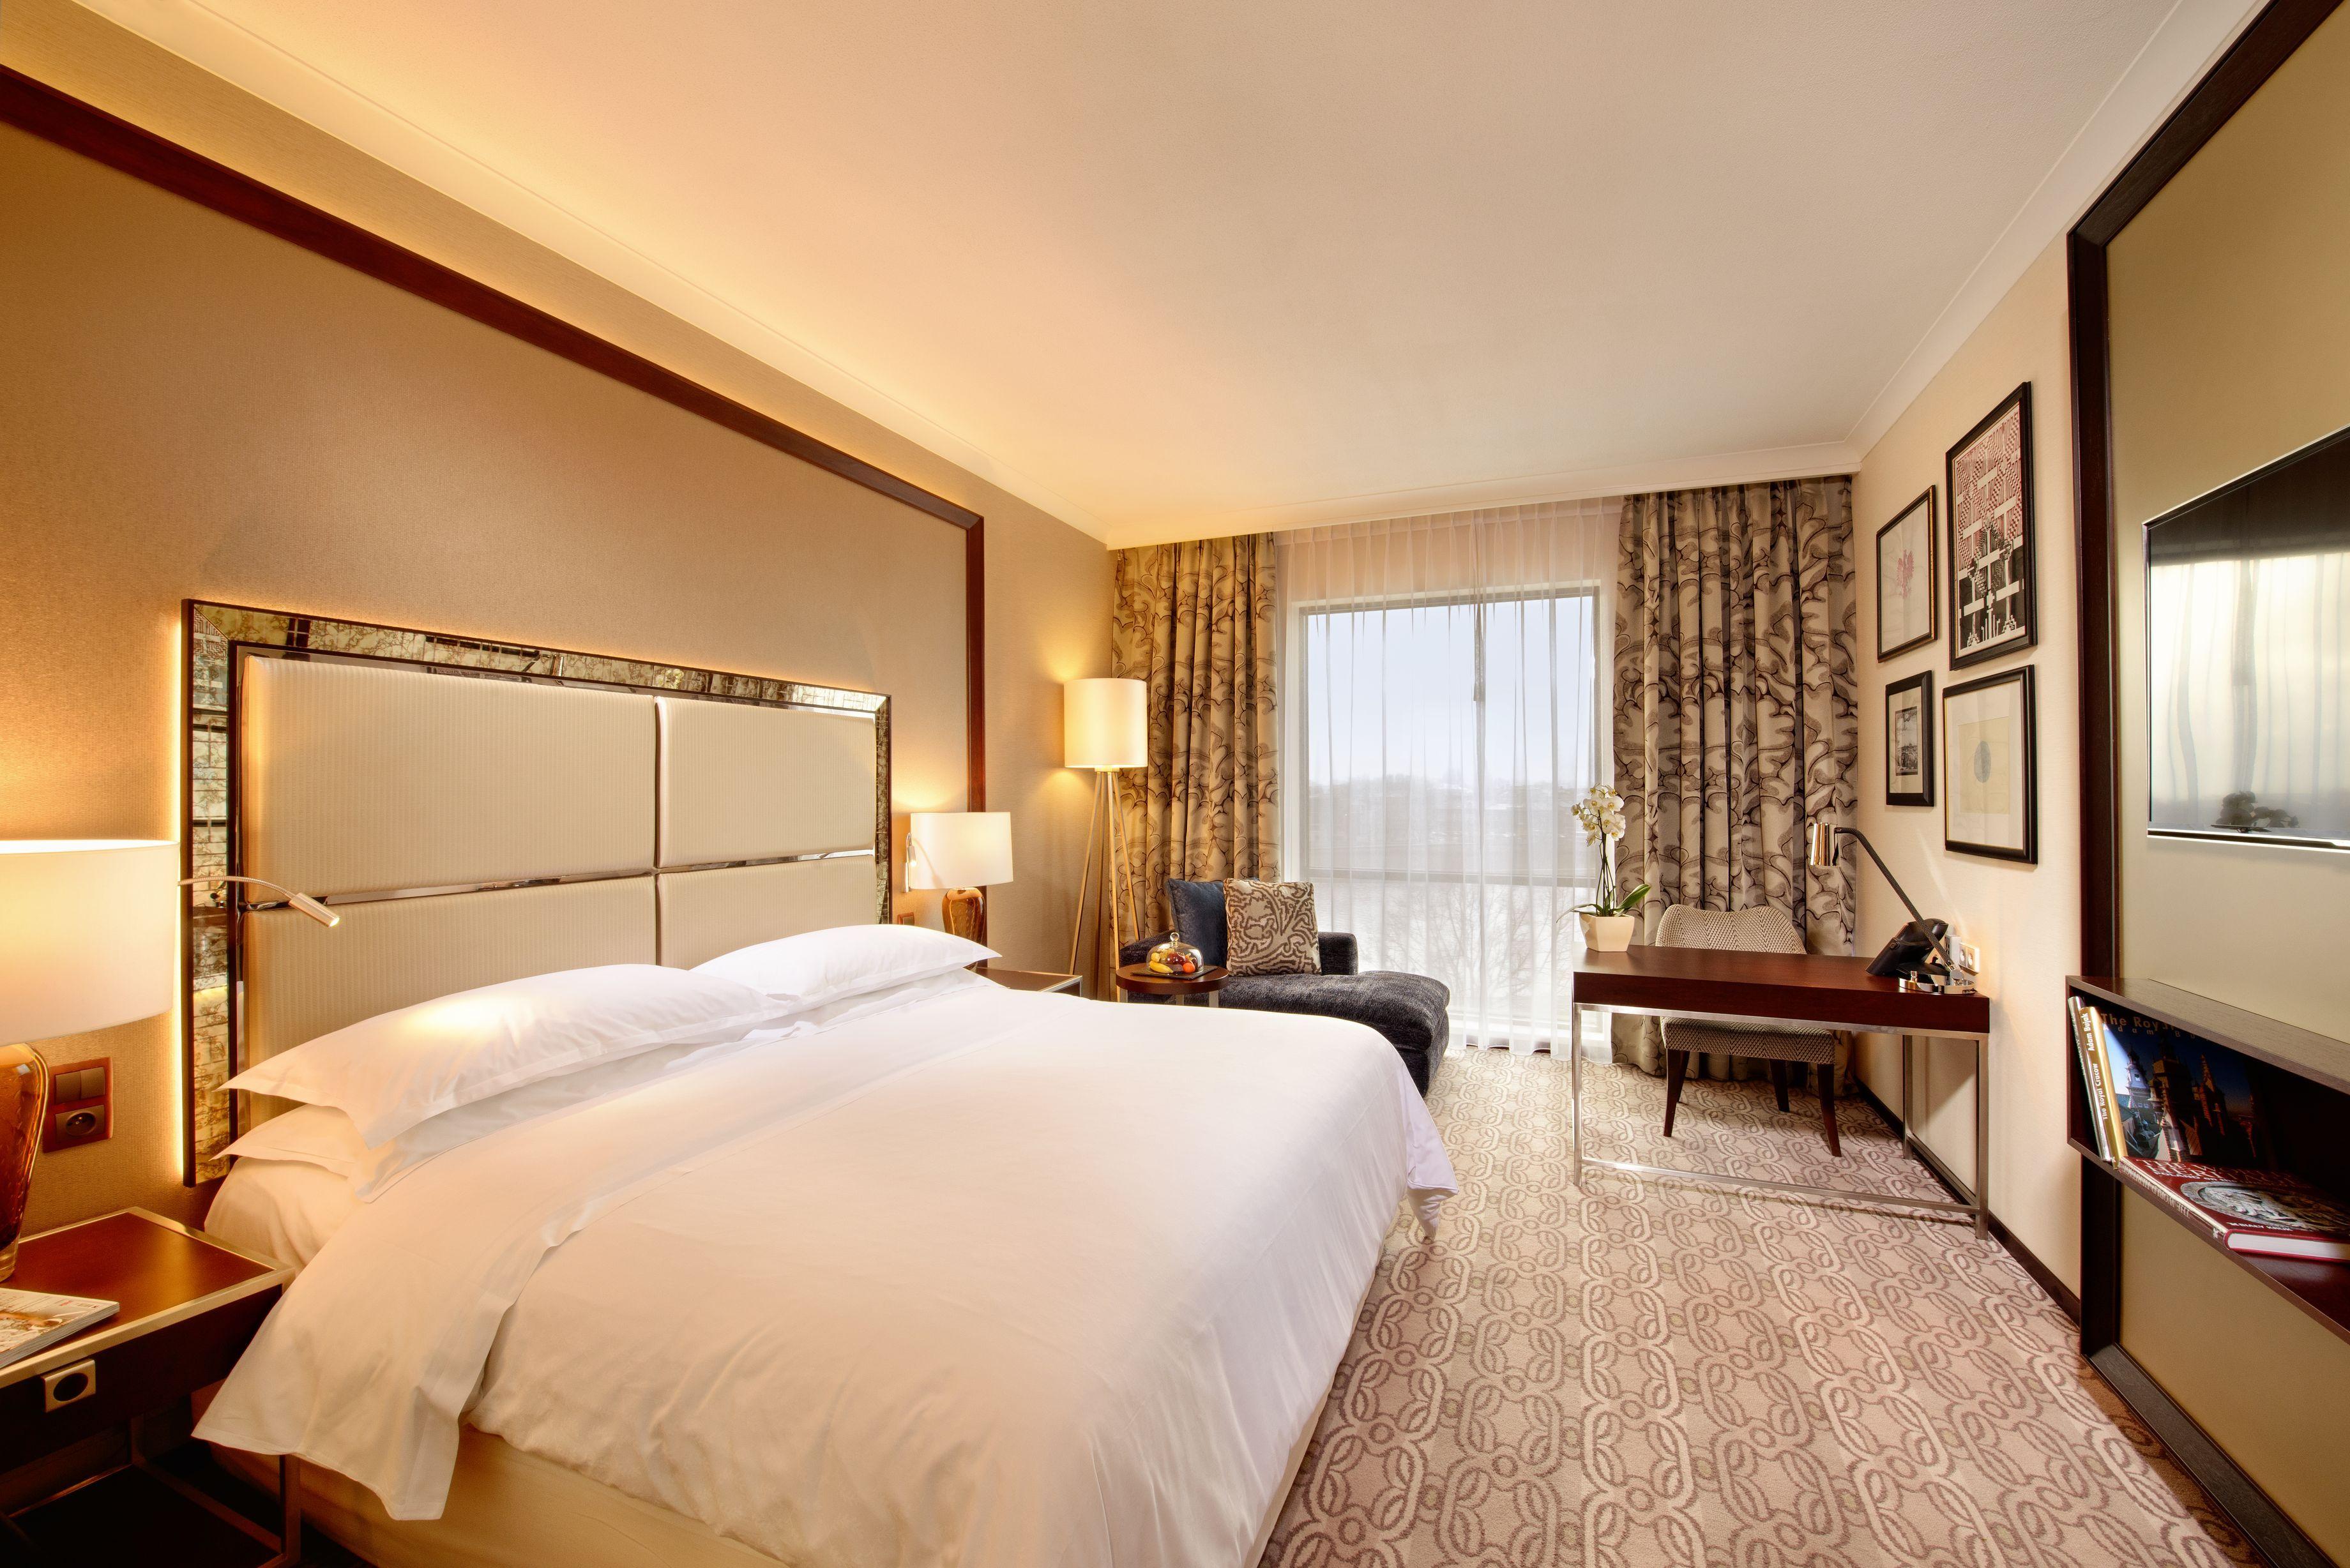 Image Result For Hotel In Krakow Sheraton Grand Krakow Starwood Hotels